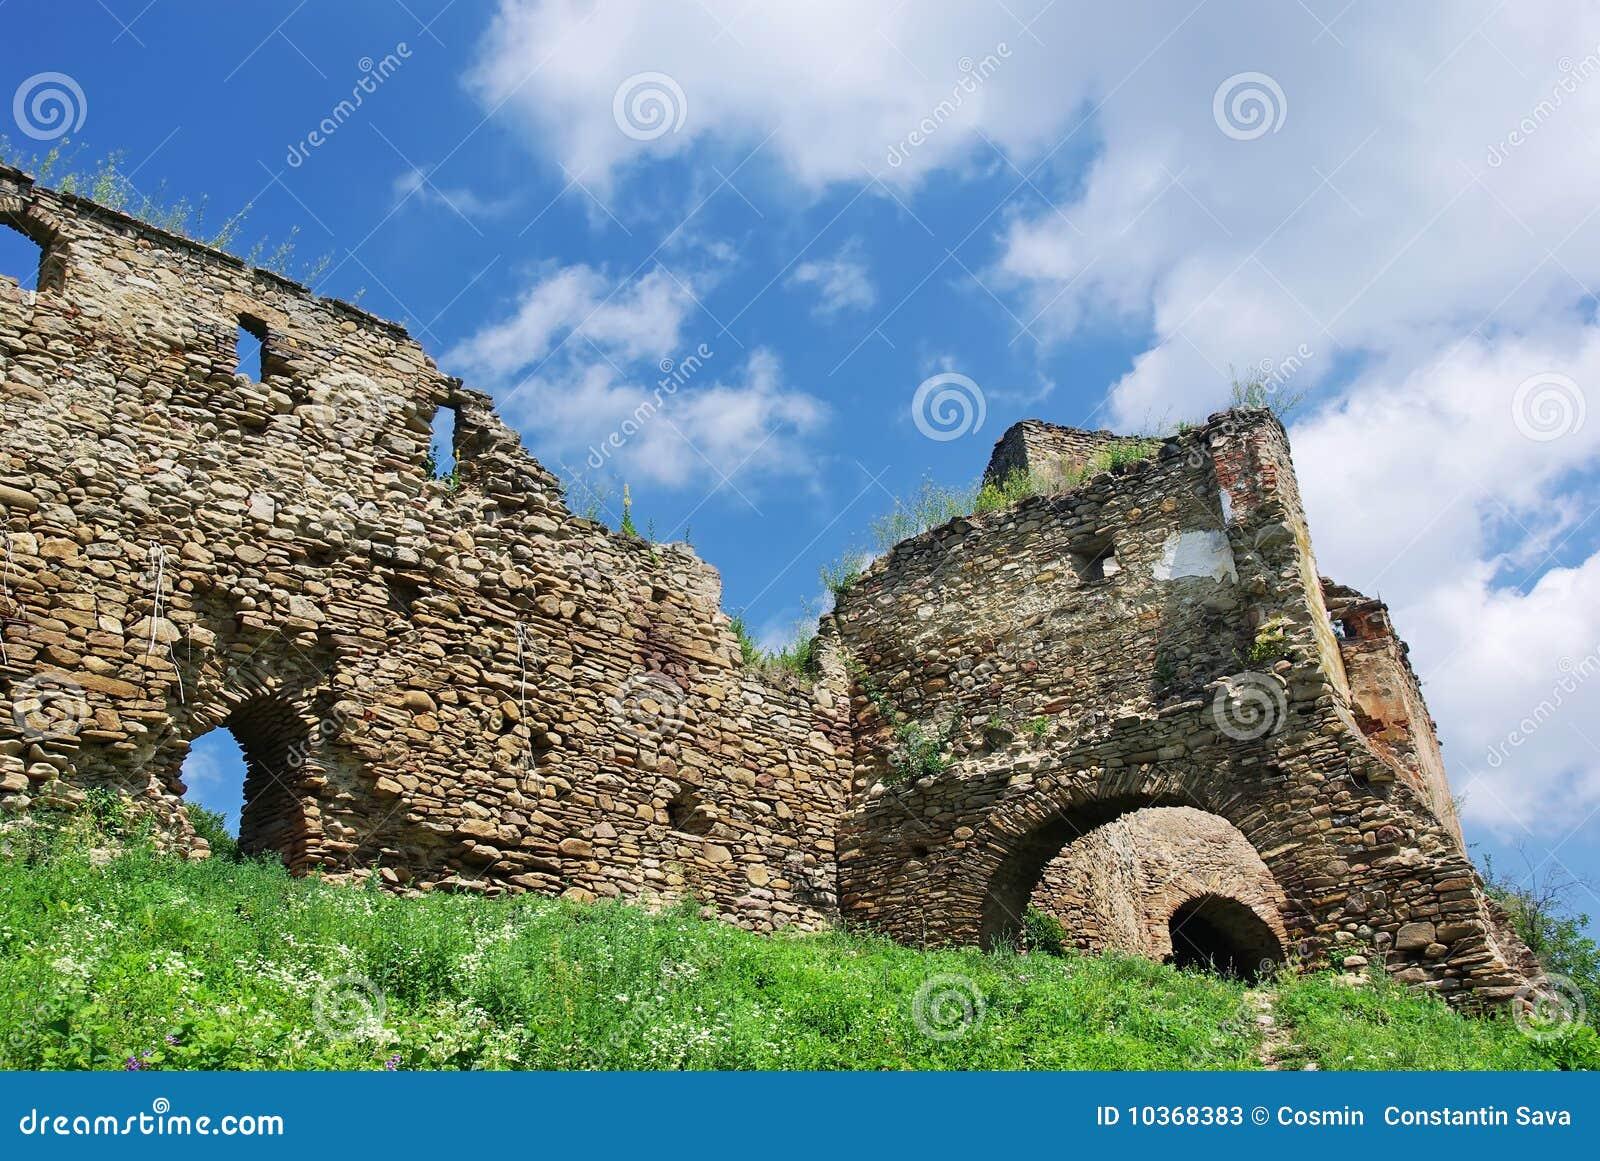 Ruines de forteresse